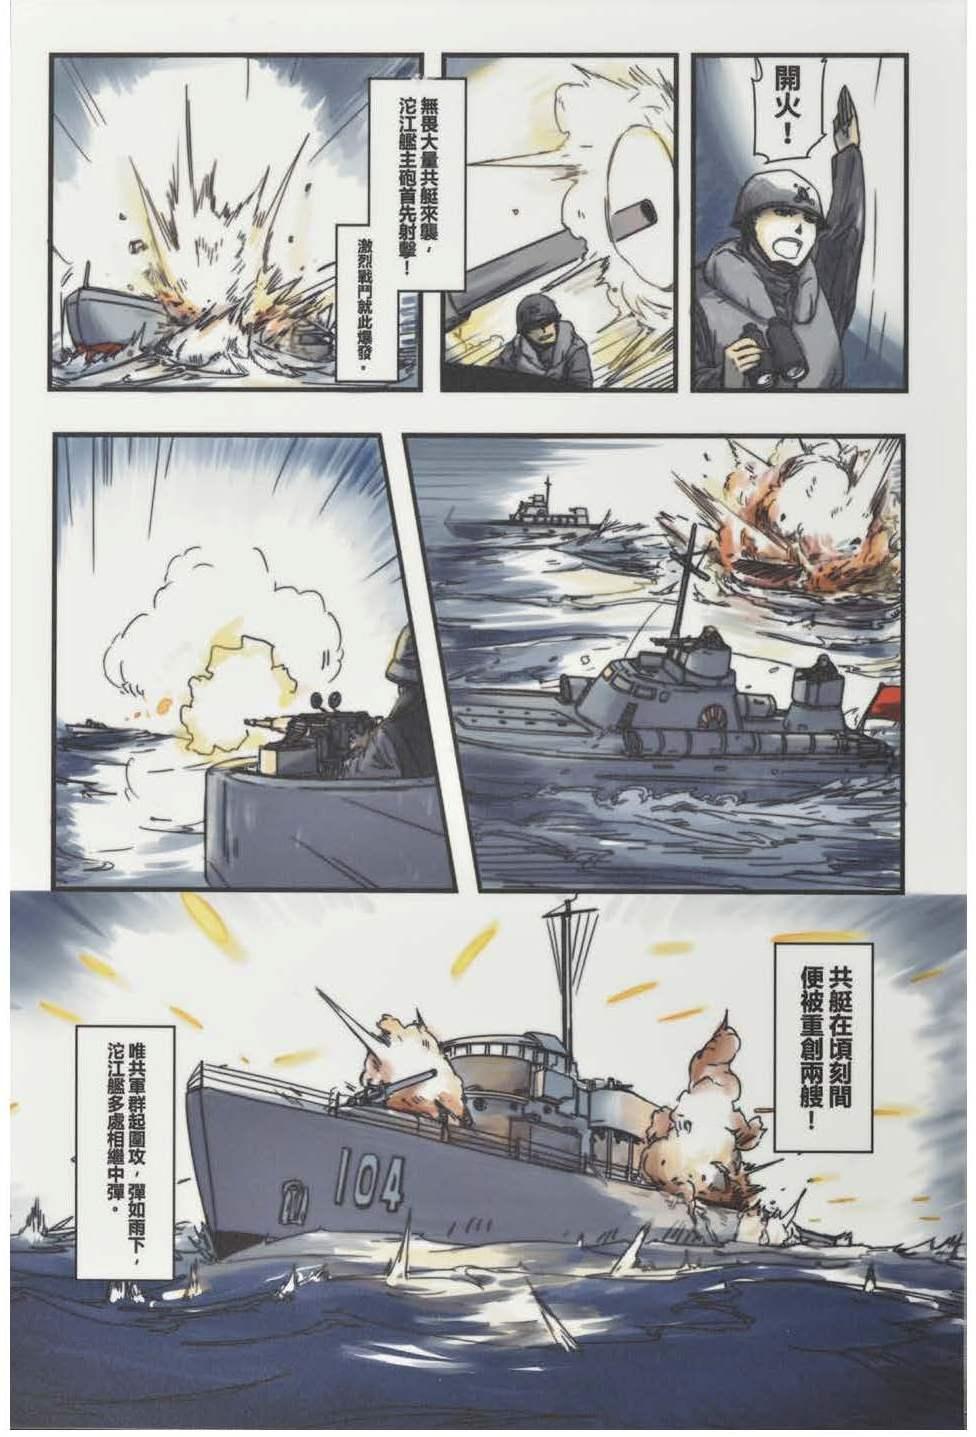 第50屆漫畫類金像獎作品_傳承4_張哲綱.jpg